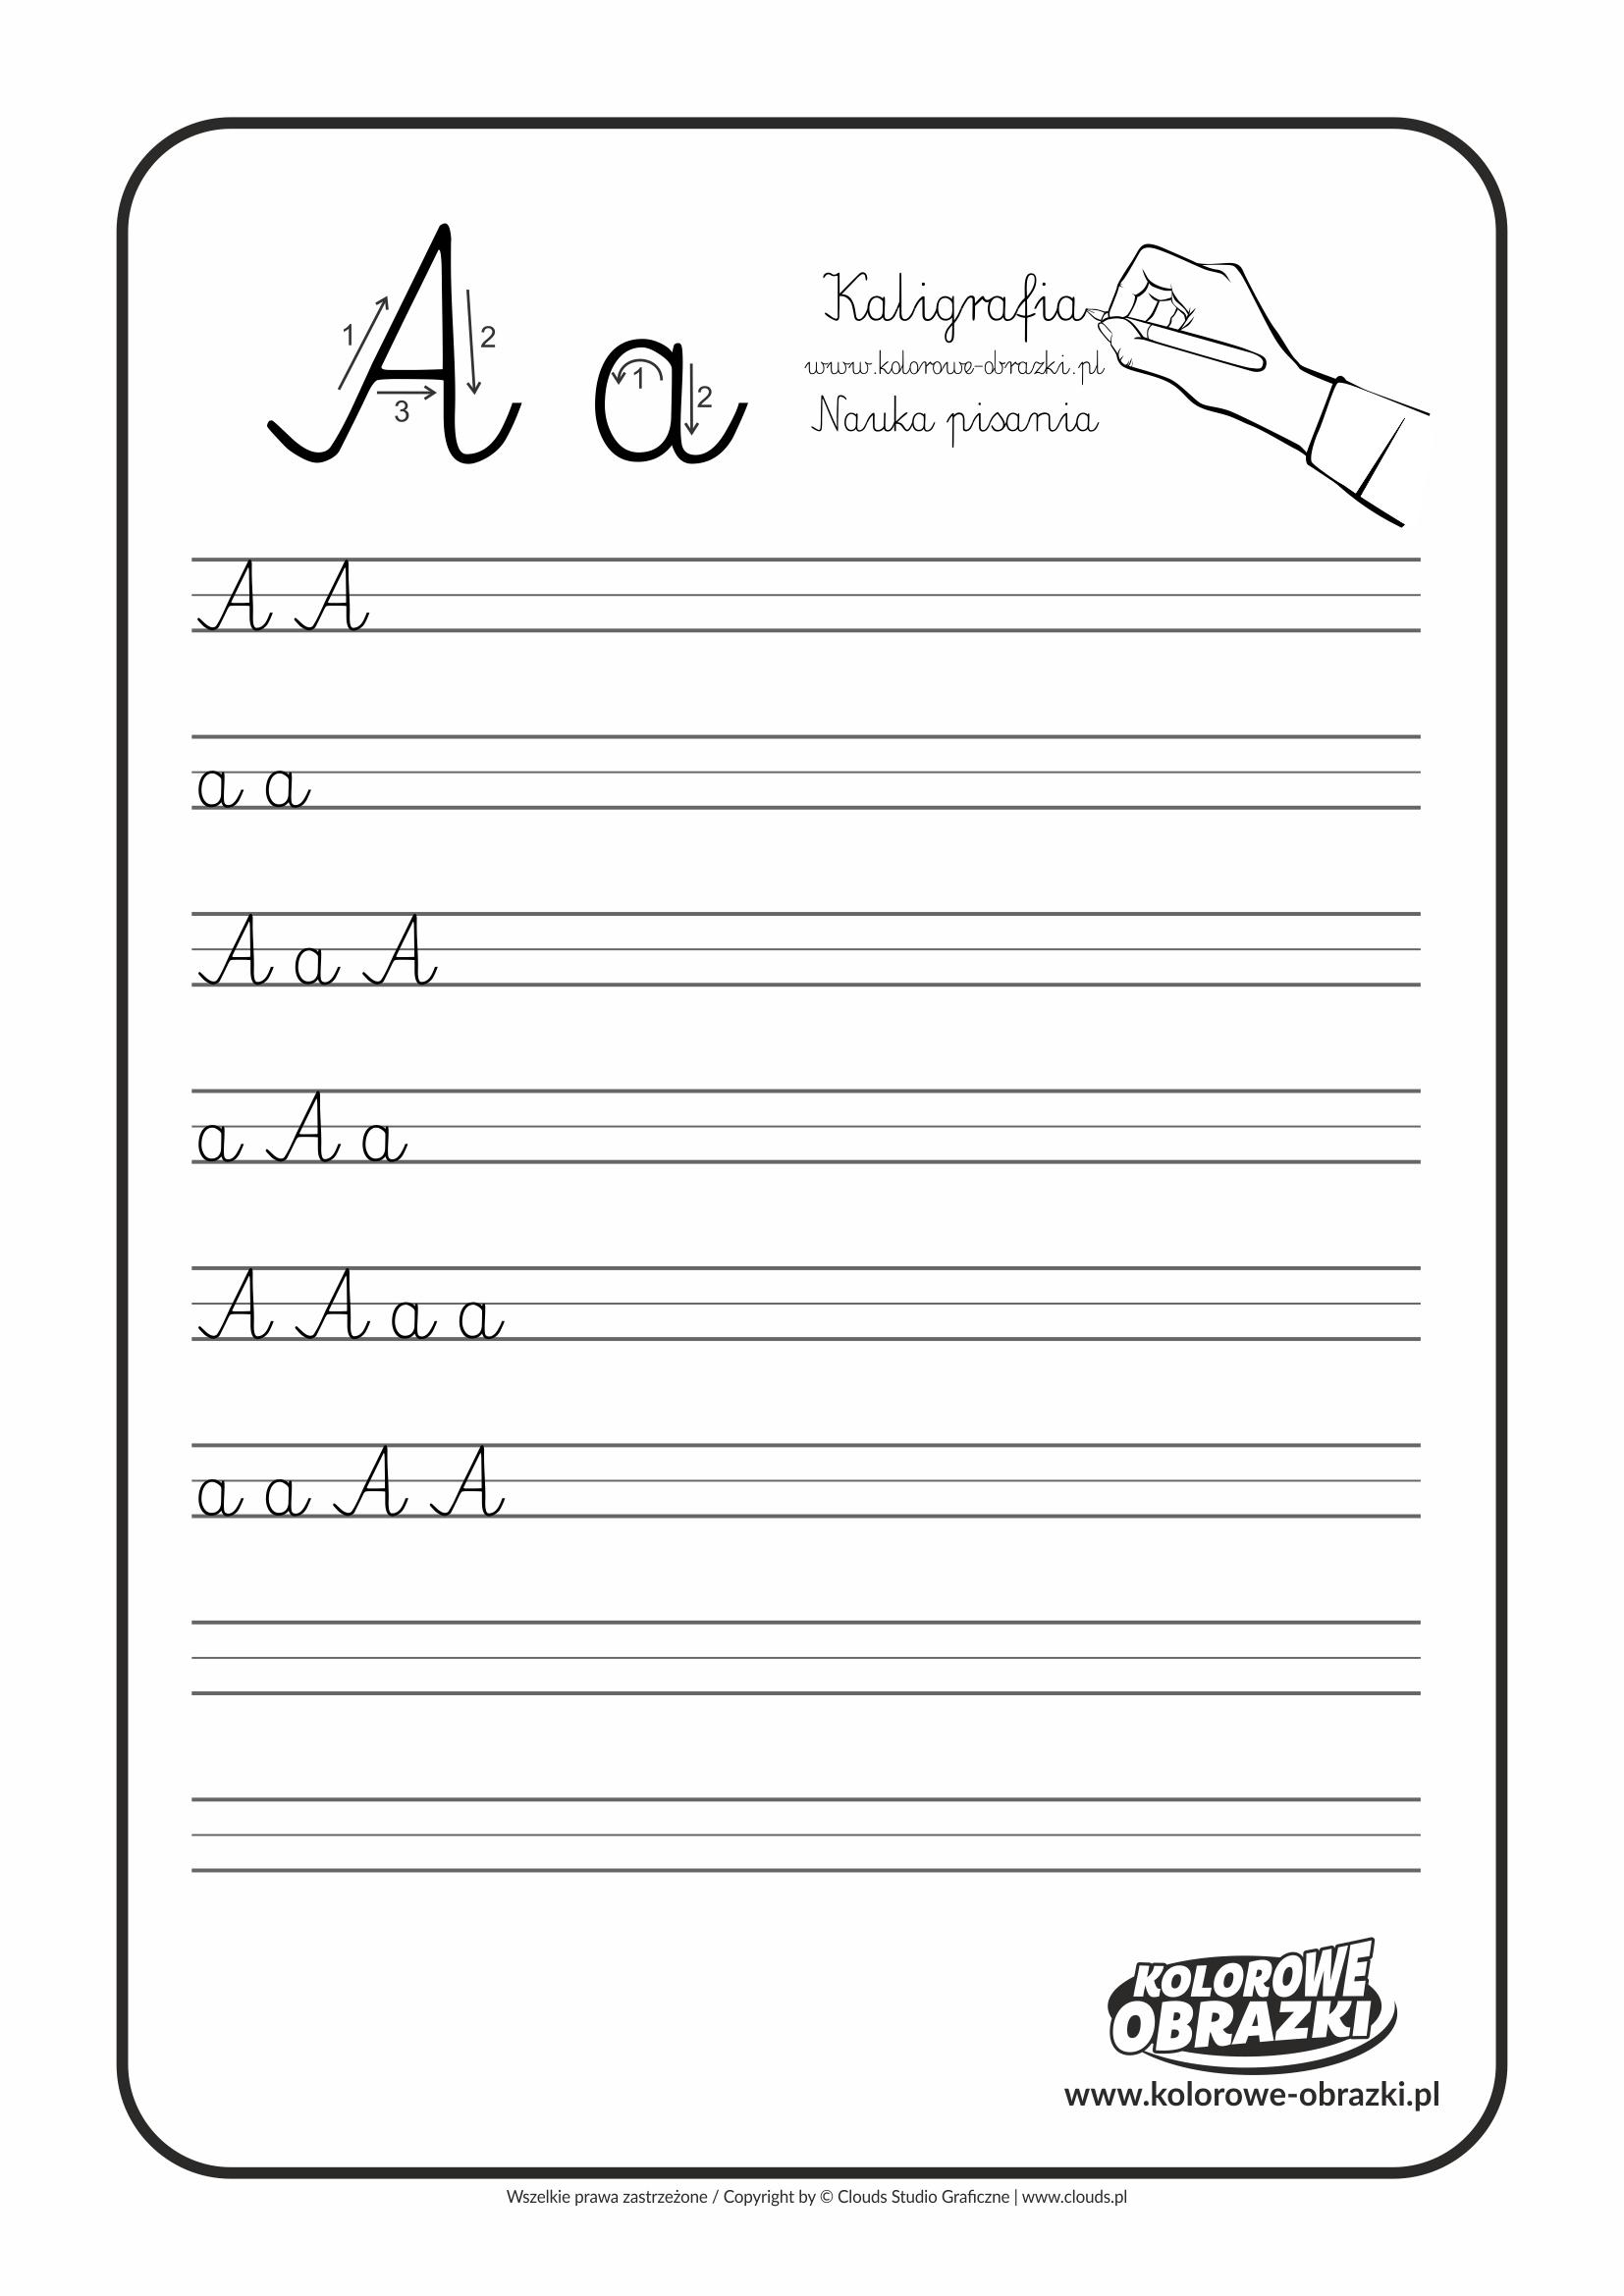 Kaligrafia dla dzieci - Ćwiczenia kaligraficzne / Litera A. Nauka pisania litery A